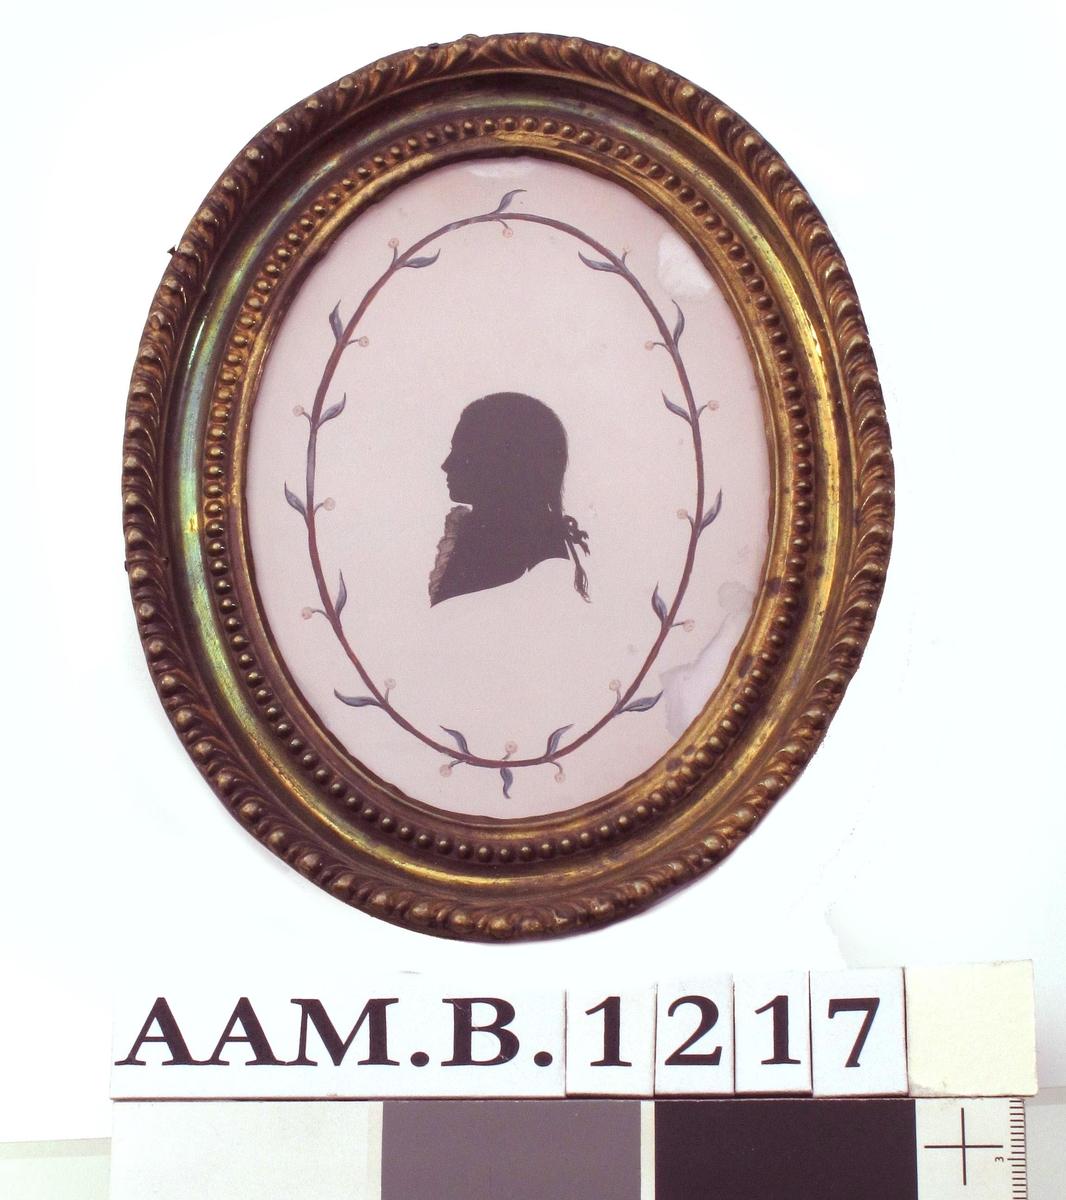 Liten silhouett  av v. vendt ung mann med hårpisk med sløyfe og kalvekryss, avskåret ved skuldrene.  Omgitt av en brun oval ring med blå blad og små gule blomster.